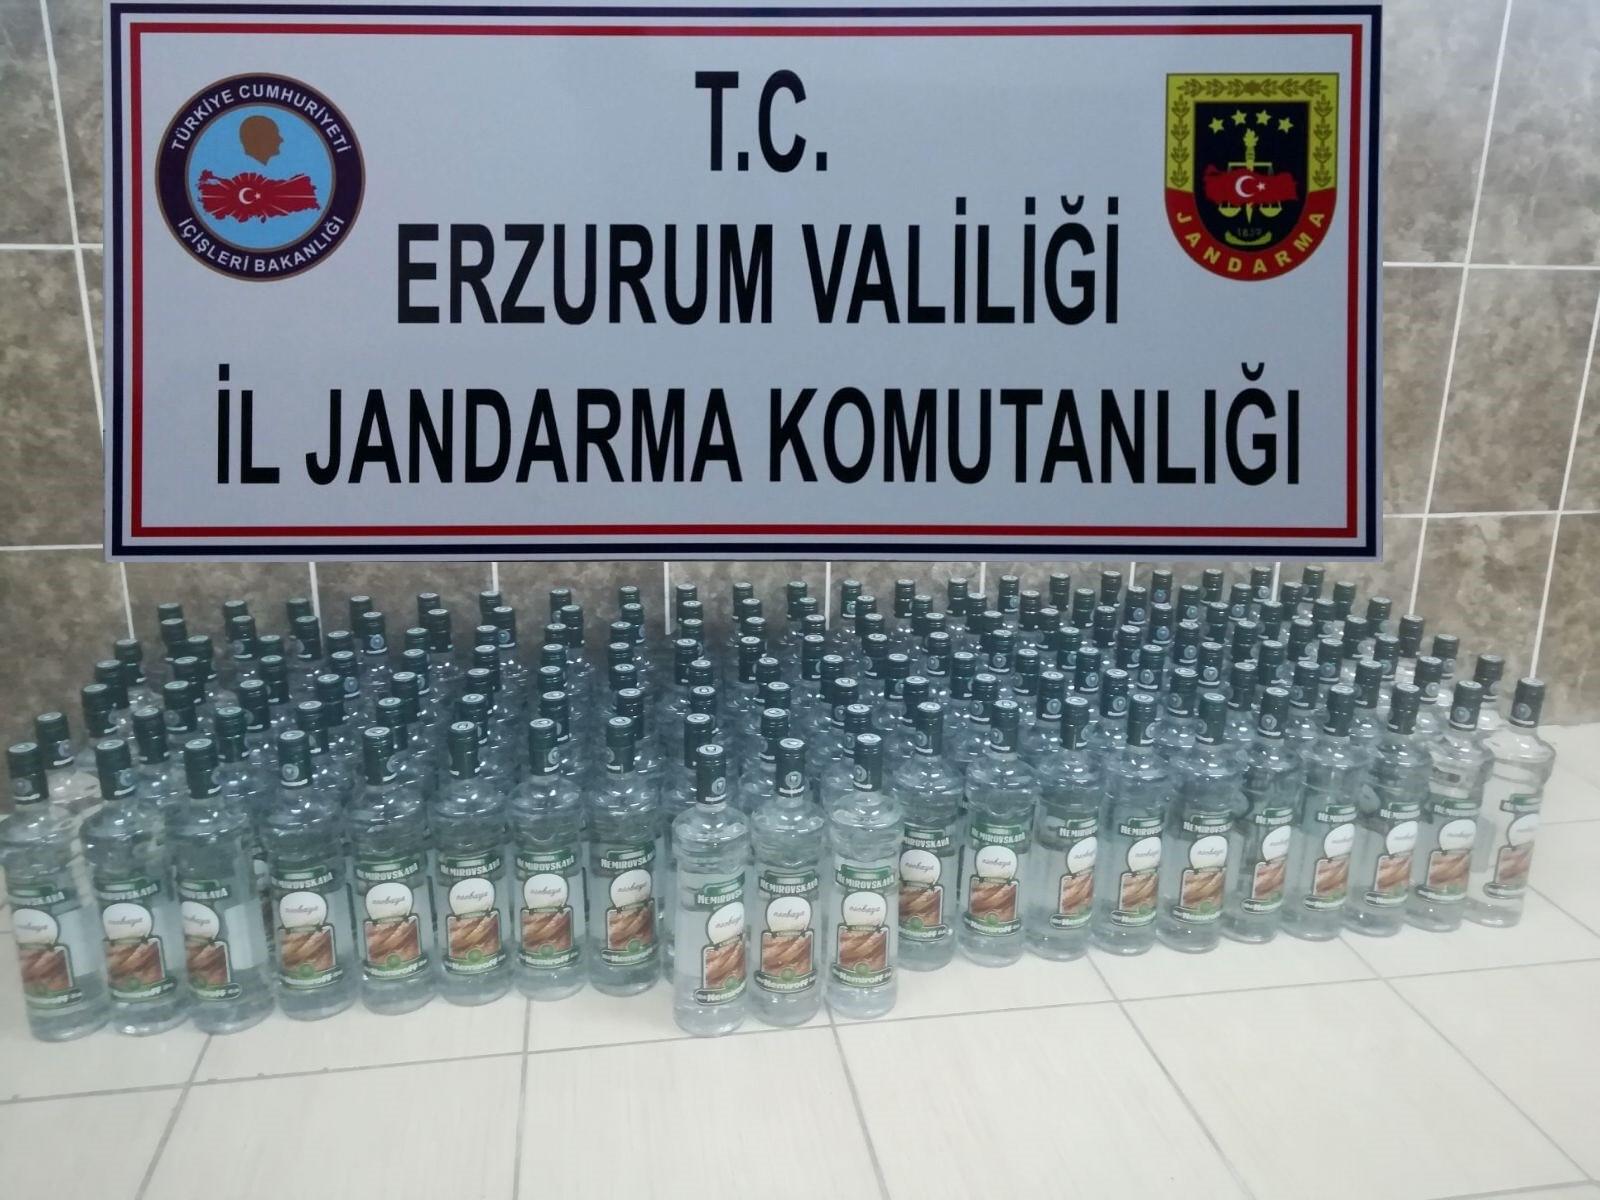 Erzurum'da 161 şişe kaçak alkol ile bin paket kaçak sigara ele geçirildi